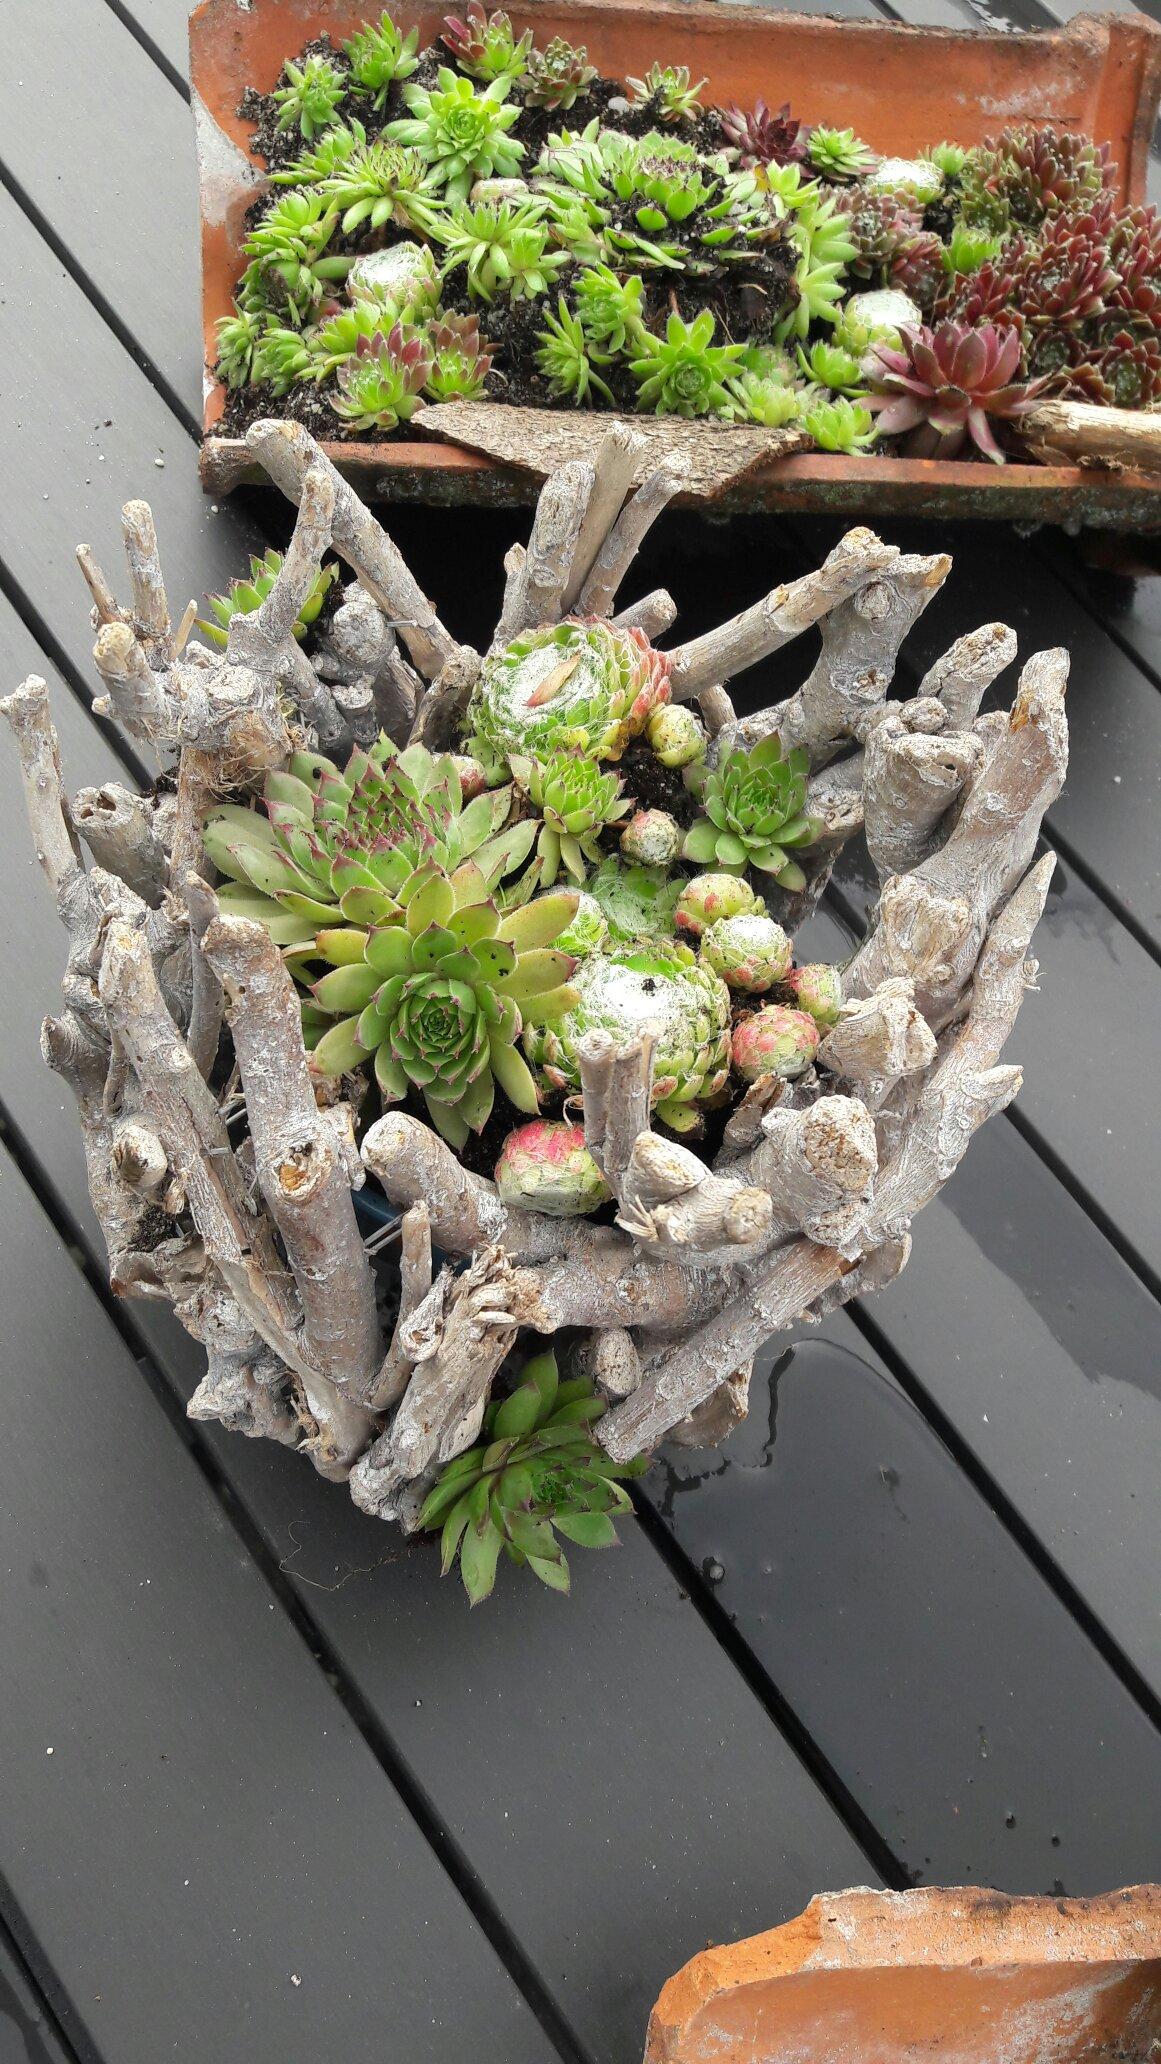 Gartendekoration Dachrosen Dachrosen Dachwurz Hauswurz